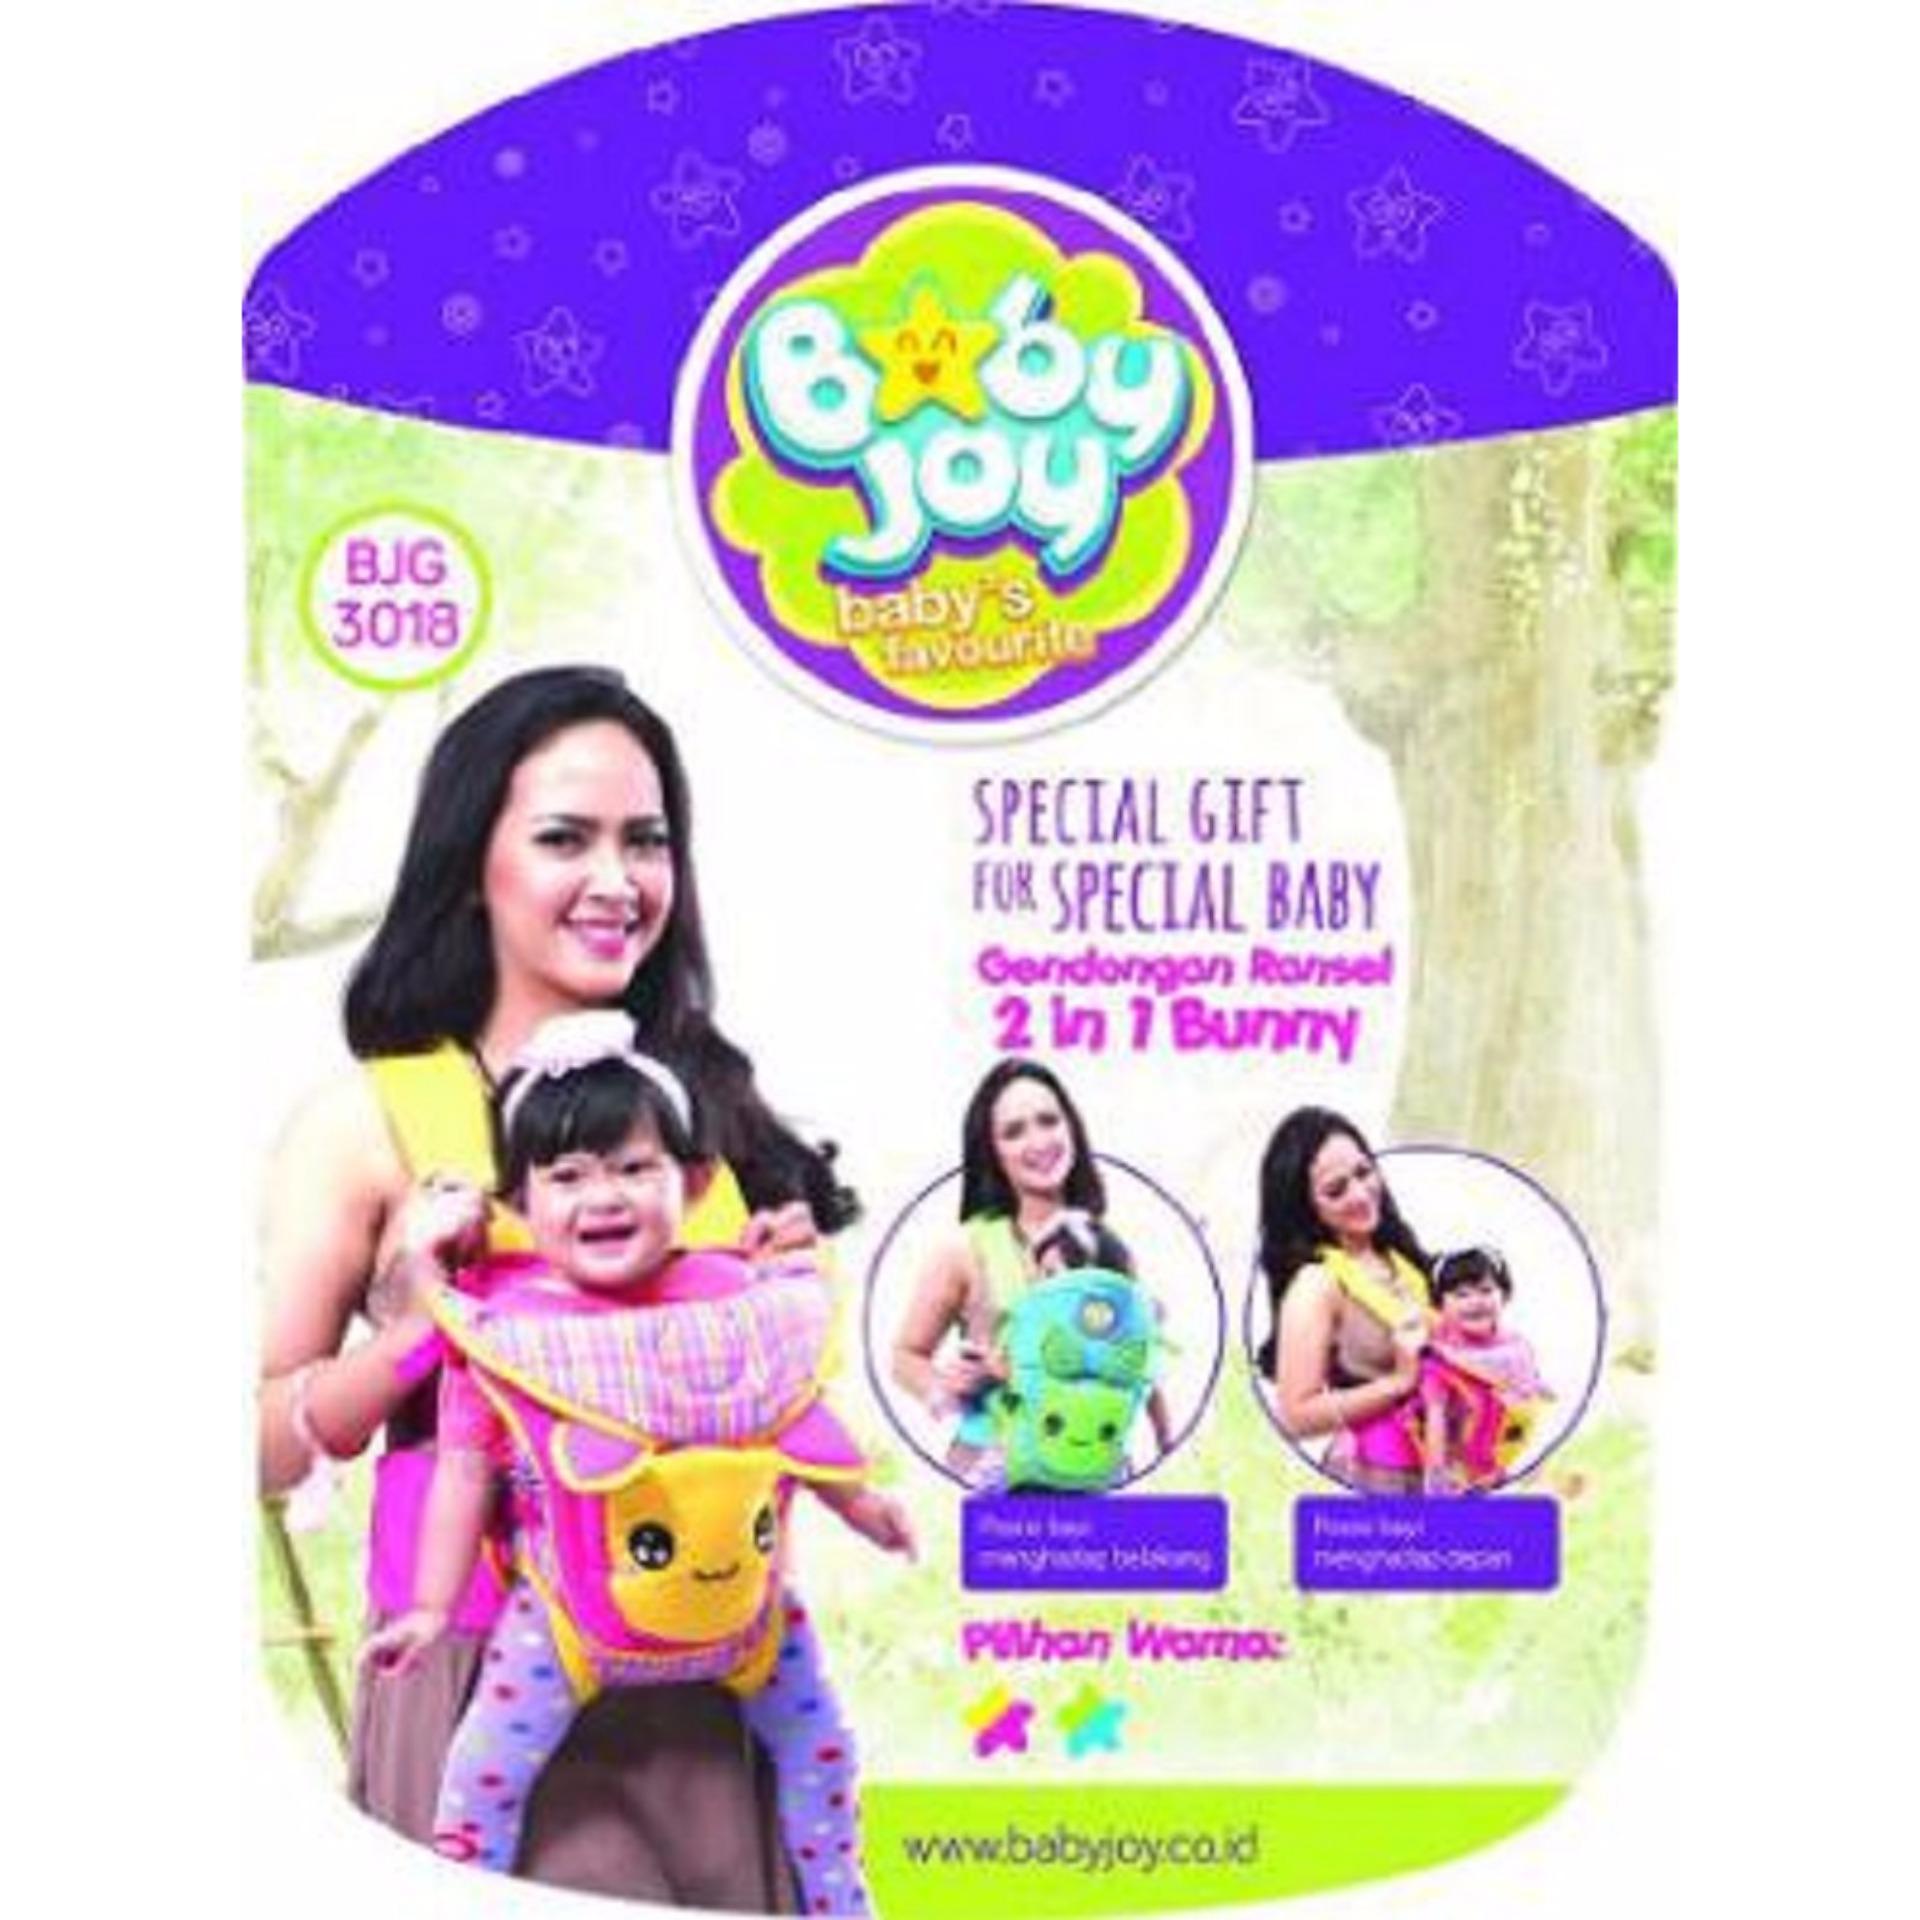 Harga preferensial Gendongan depan bayi ransel 2in1 bunny baby joy BJG 3018 beli sekarang - Hanya